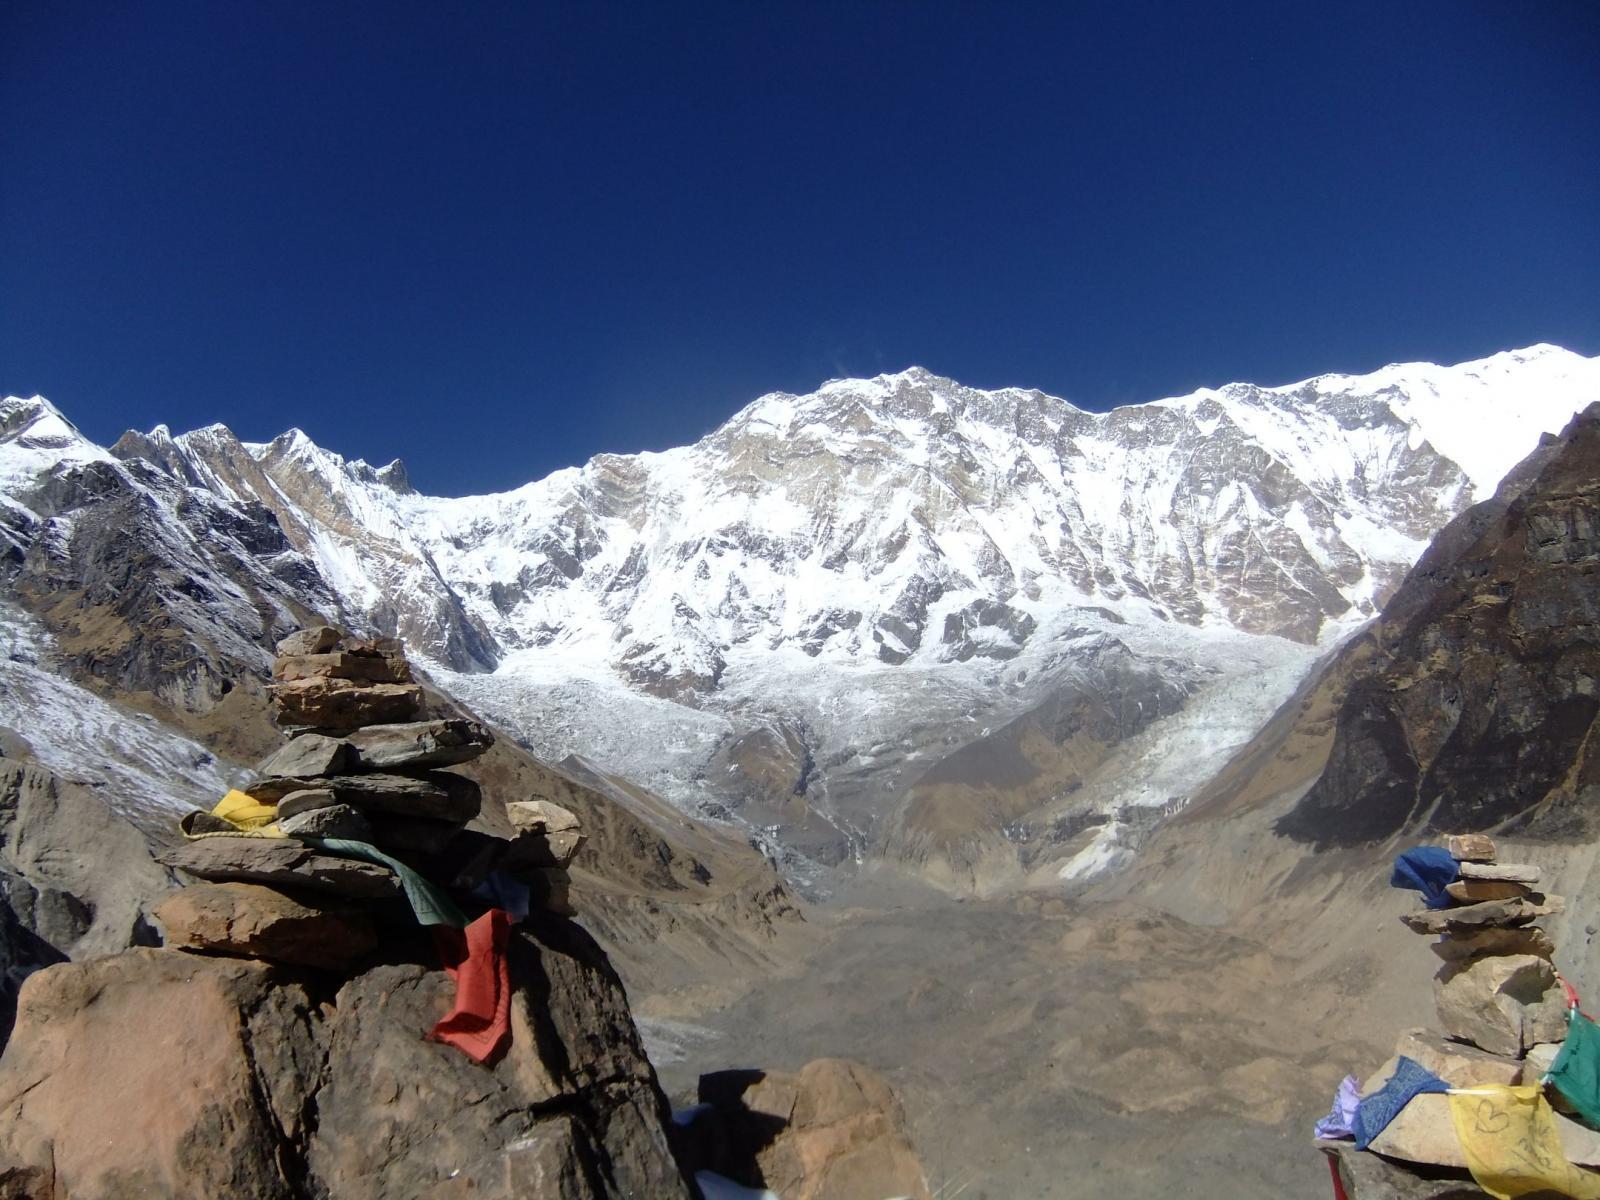 Annapurna Fang